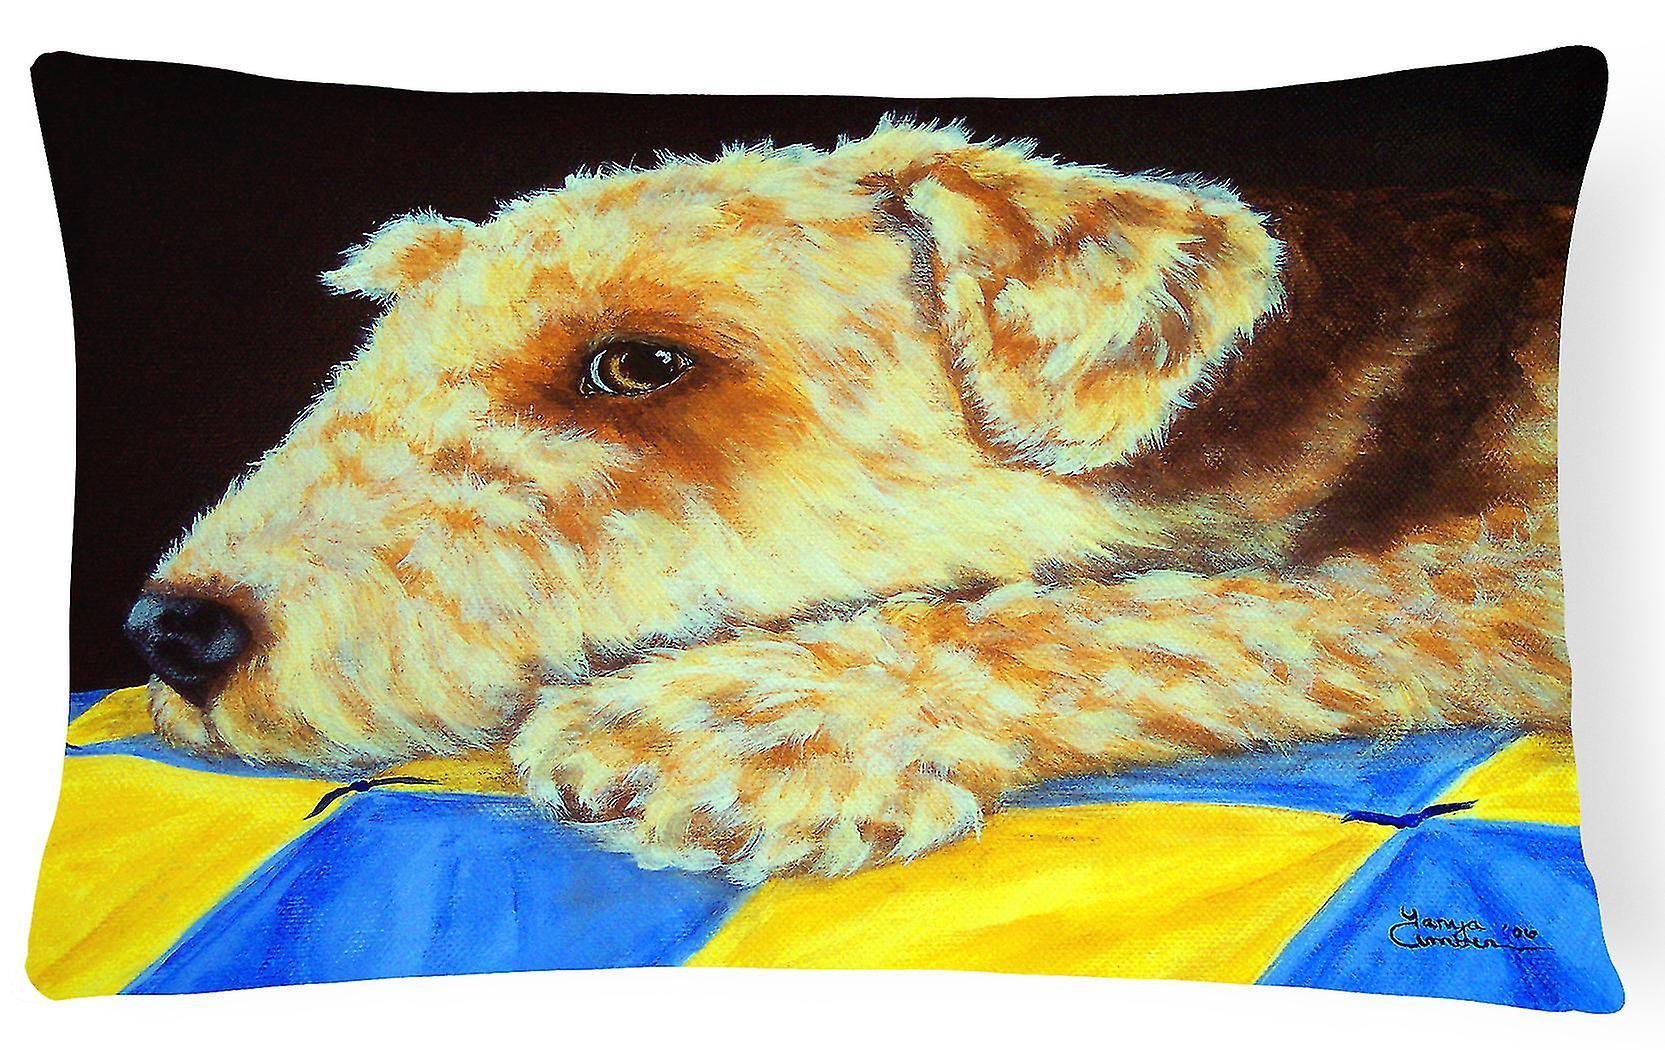 Quilt Oreiller Momma Terrier Fabric Décoratif Airedale De y0vmnwON8